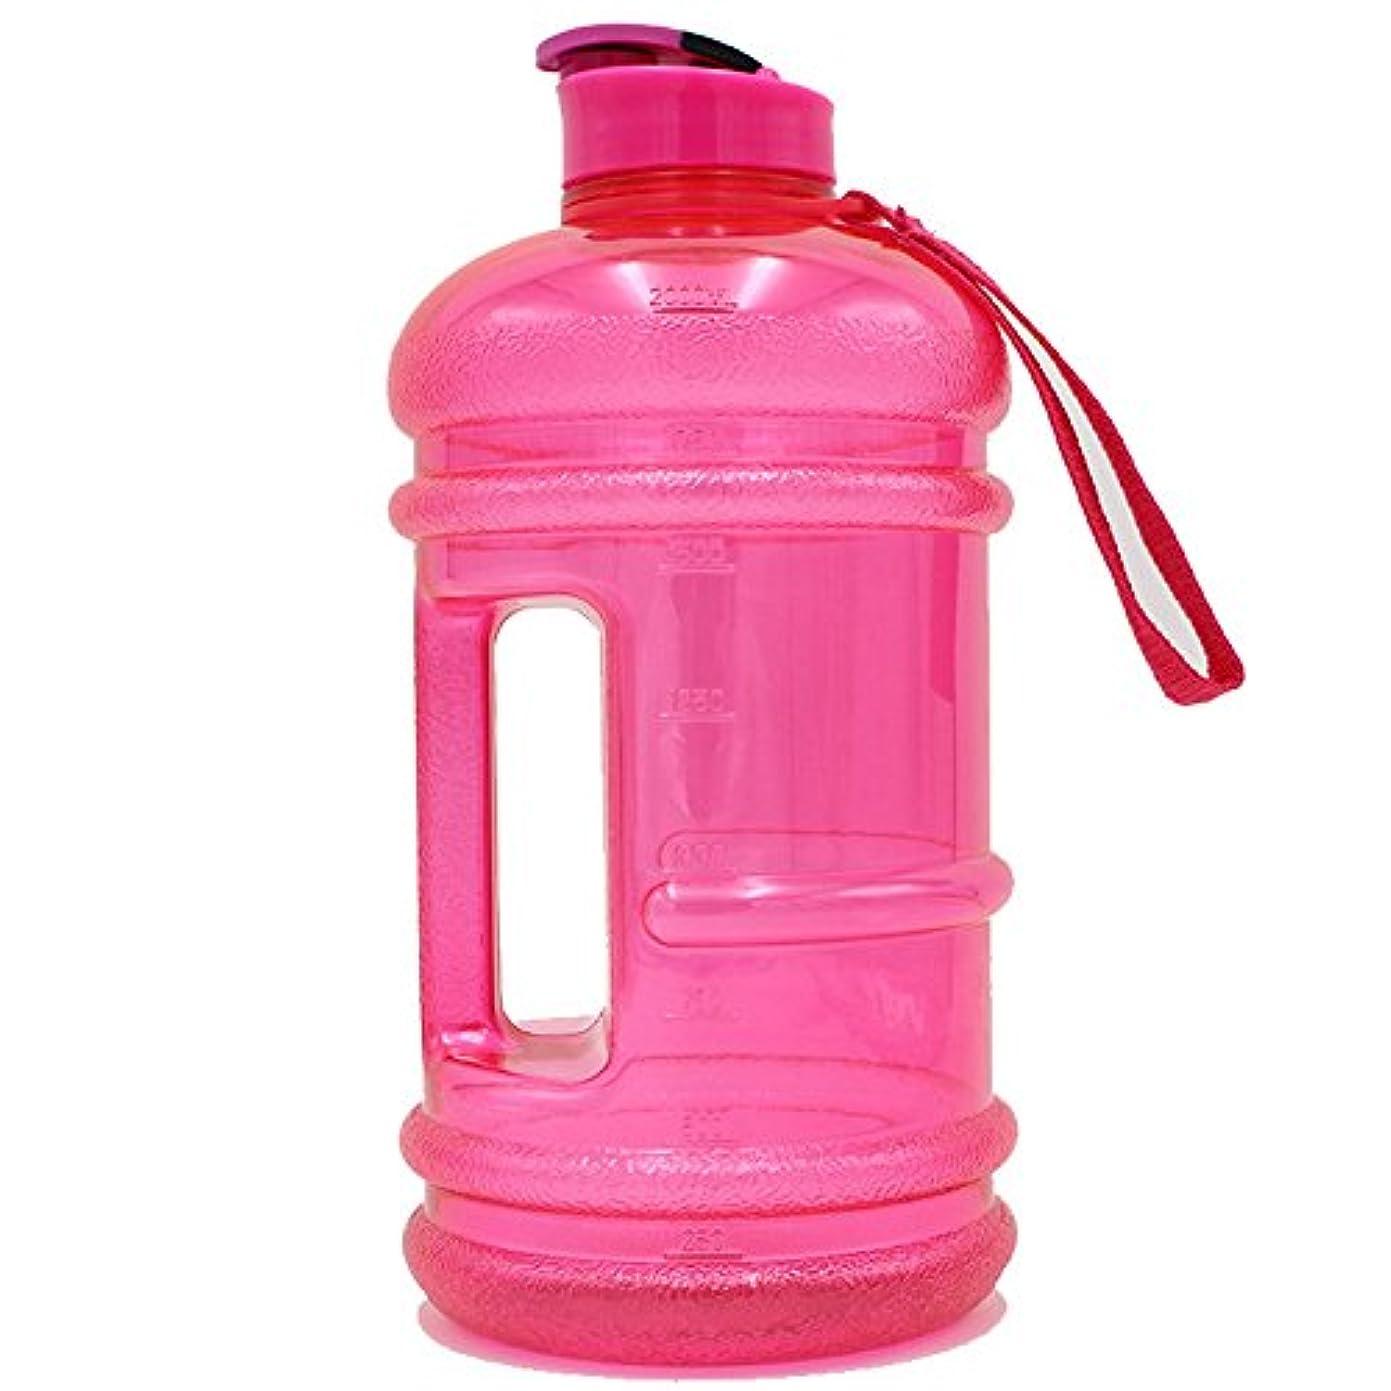 線嫌がらせ投資するBeautyrain 1個 ウォーターボトルケトル 2.2Lスポーツアウトドアカップ プラスチック キャンプジム大容量